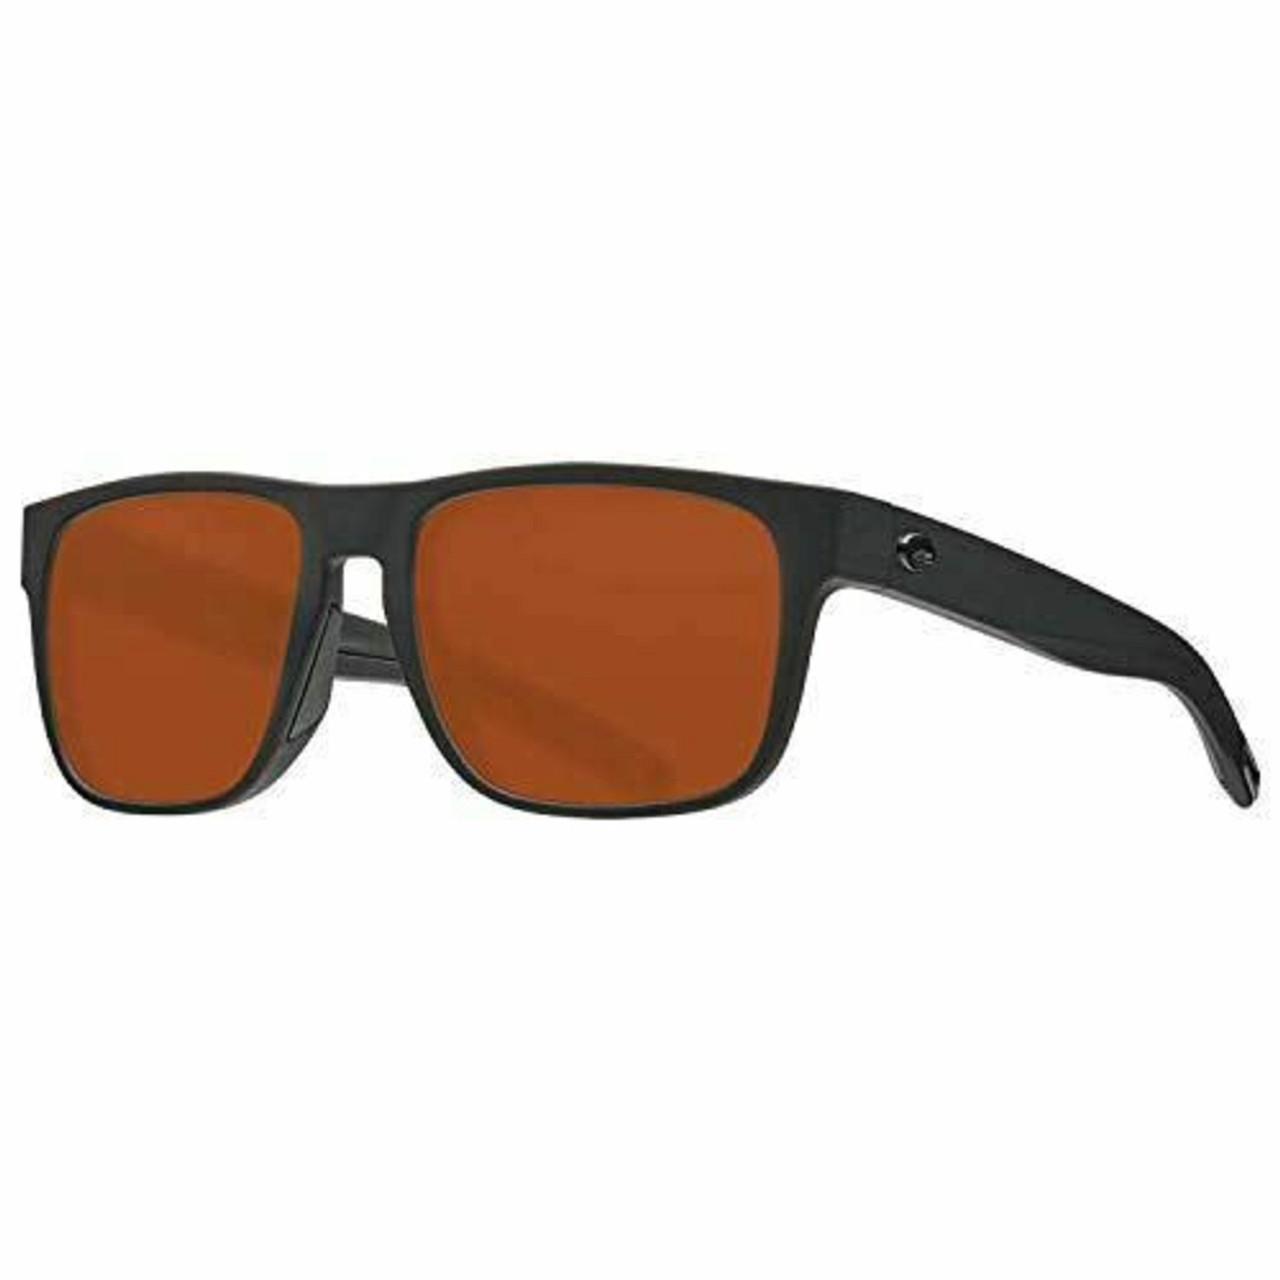 Costa Del Mar Spearo Polarize Sunglasses Classic Retro Blackout/Copper 580P 56mm